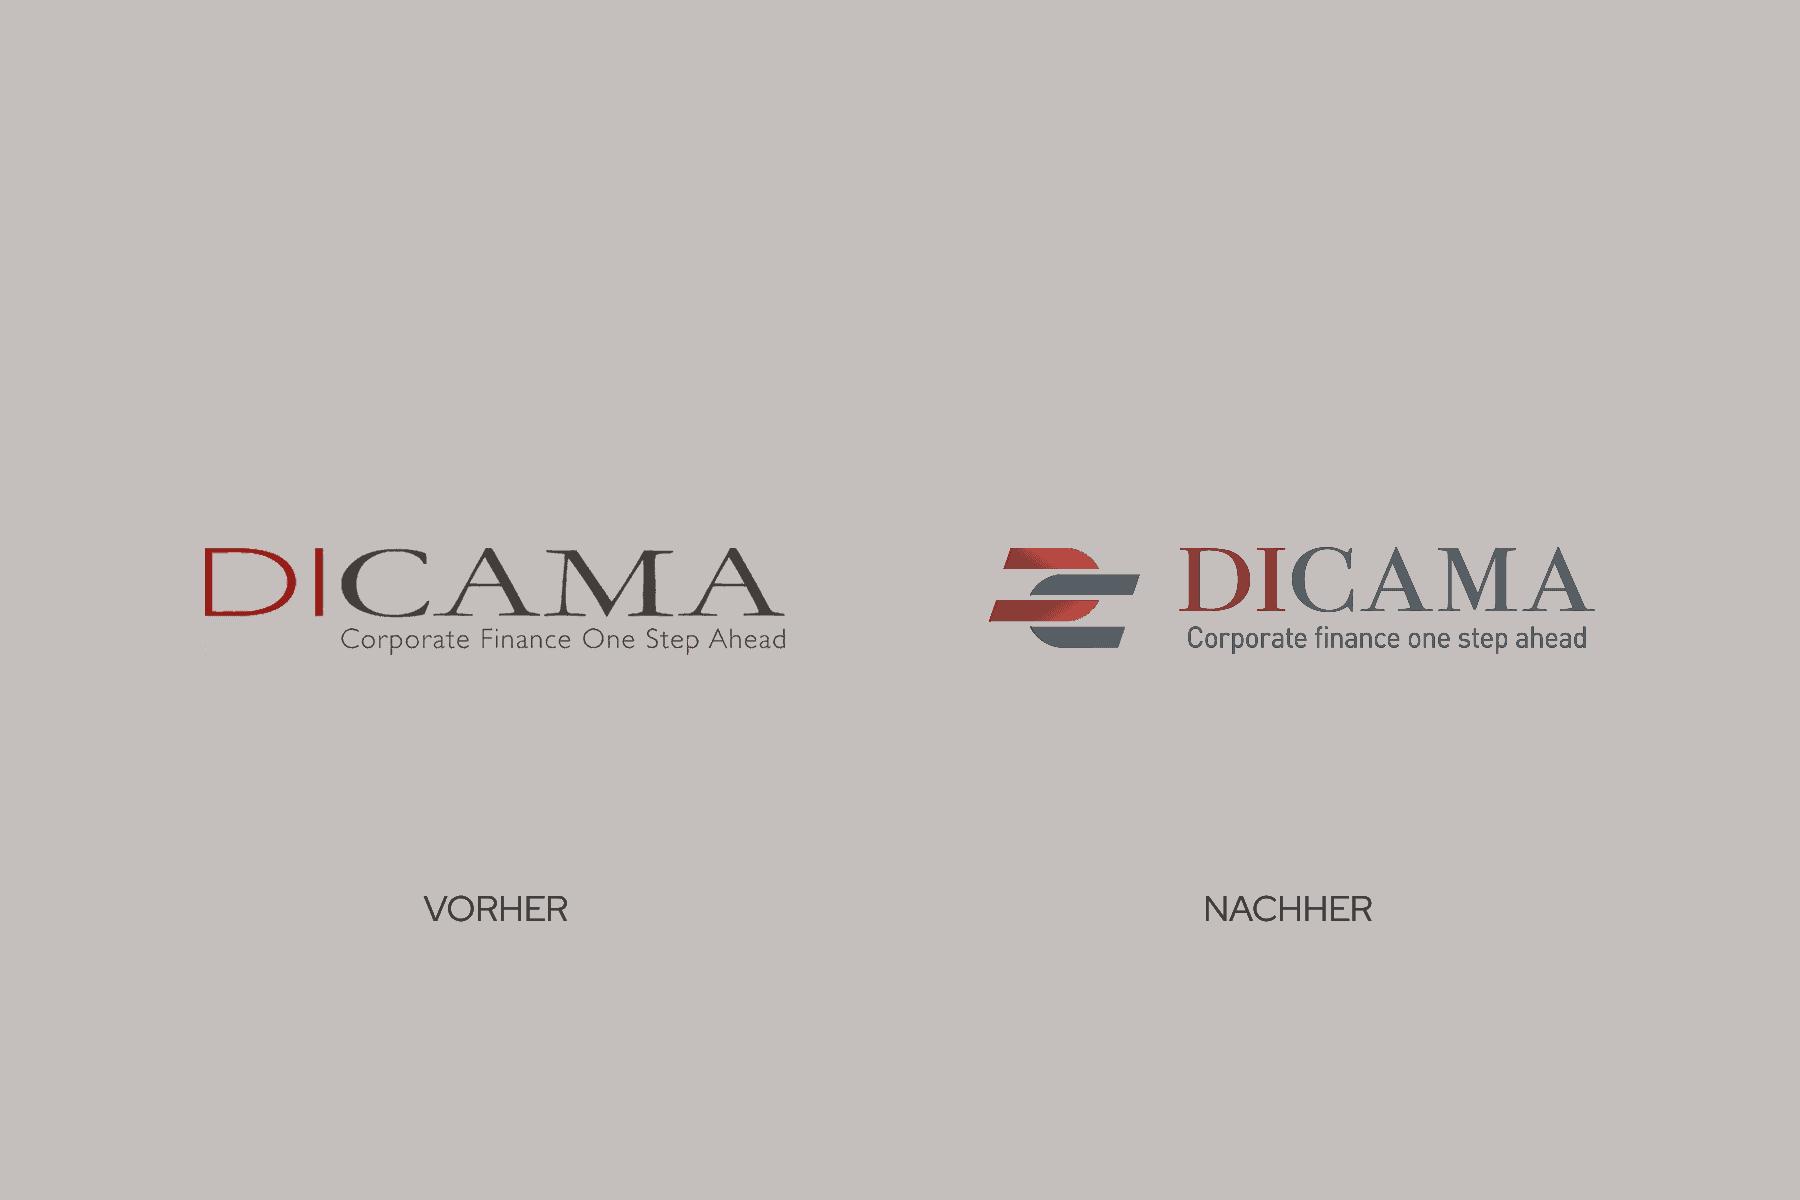 Logo-Design Vorher-Nachher-Vergleich